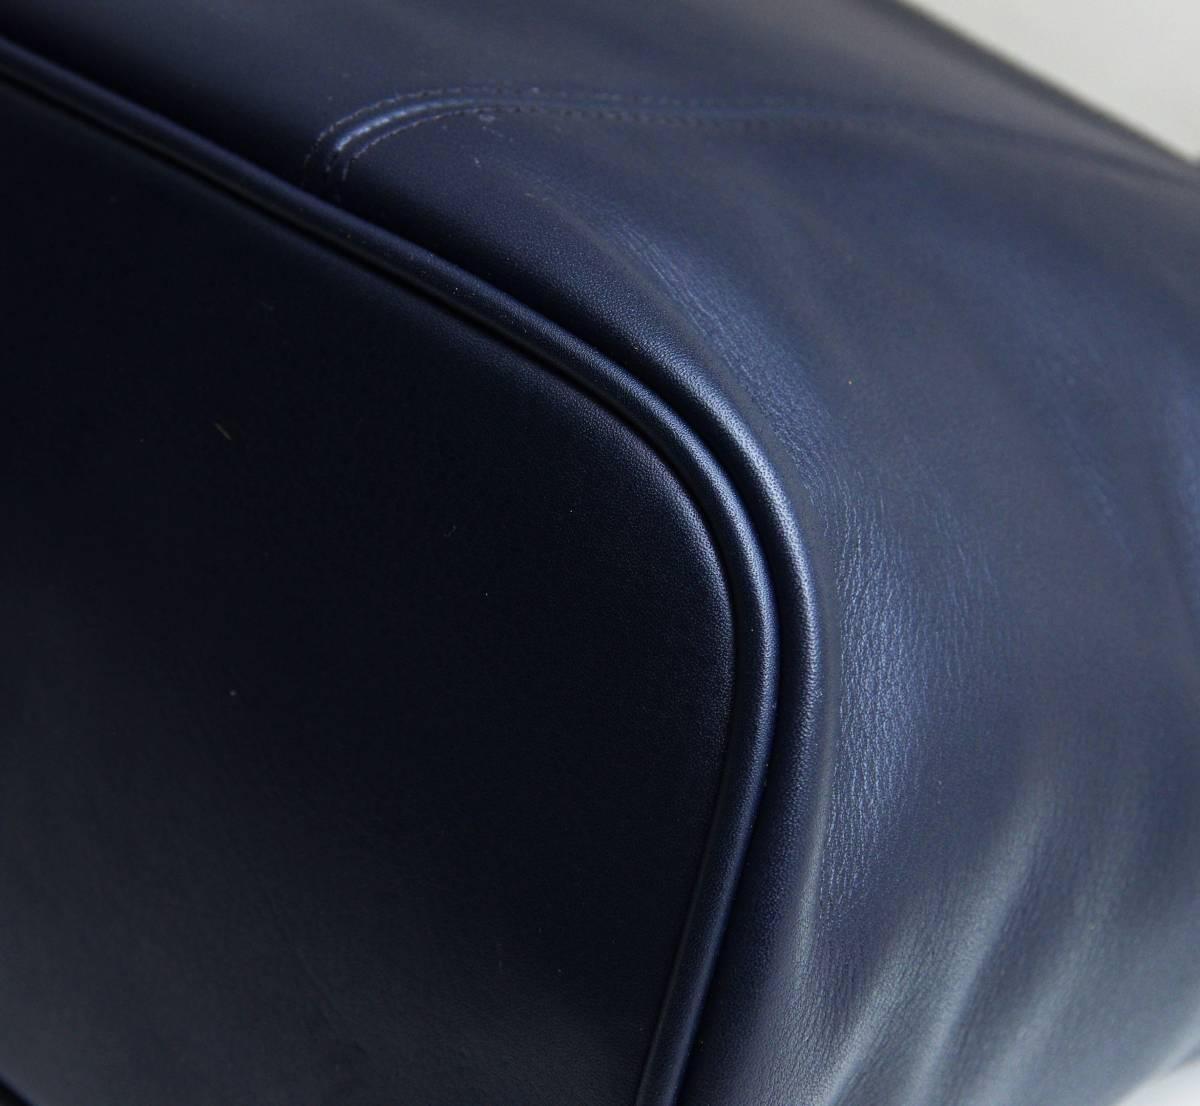 デットストック 極美品 オールドコーチ COACH トートバッグ ビジネスバッグ モスネイビー レザー メンズバッグ 牛革 A4ファイル 定価6万_画像5